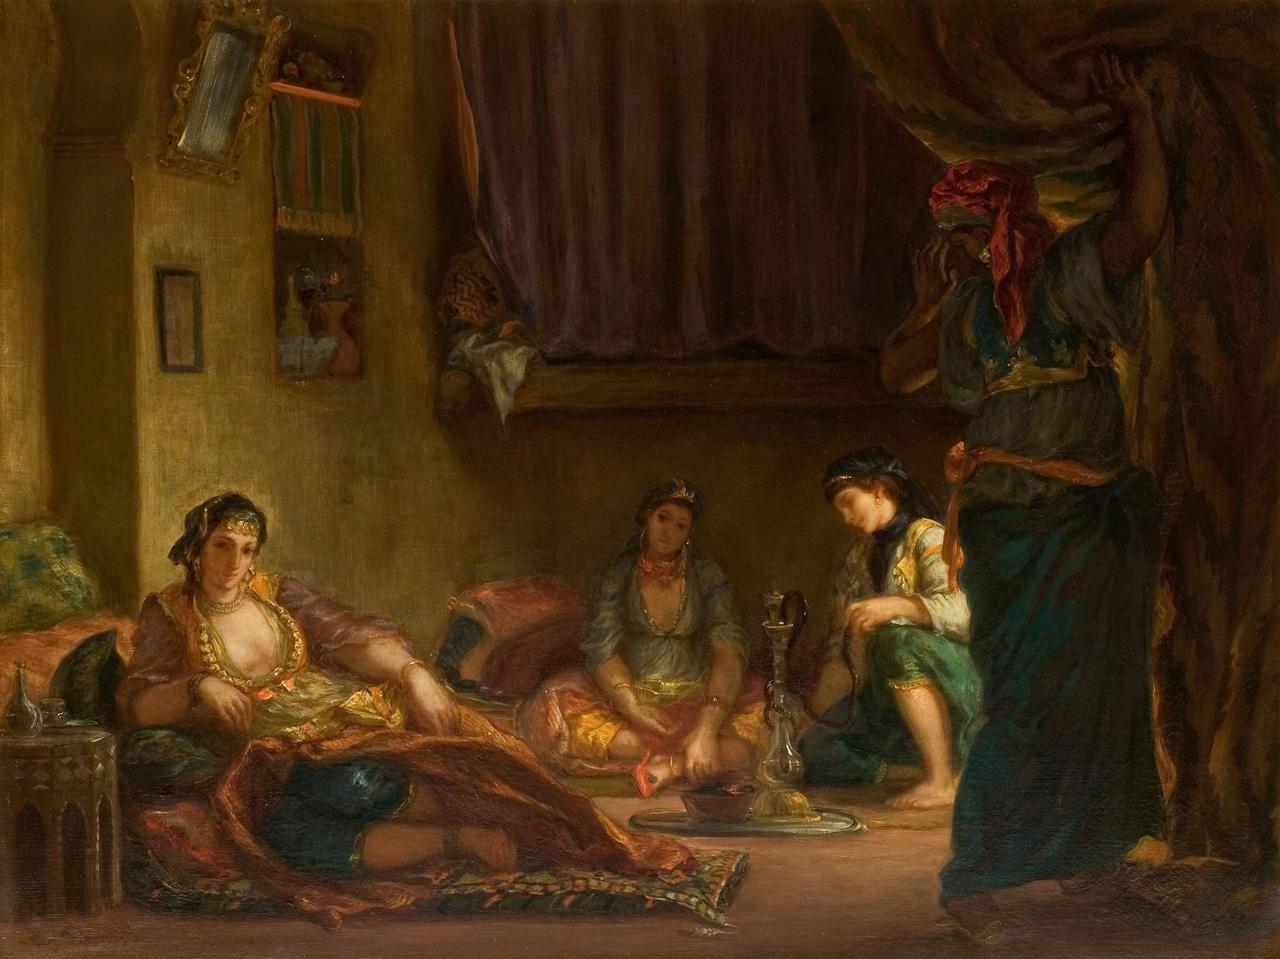 Eugene Delacroix, Femmes d'Alger dans leur Interieur, 1849. Musee Fabre de Montpellier Mediterranee Metropole / Frederic Jaulmes